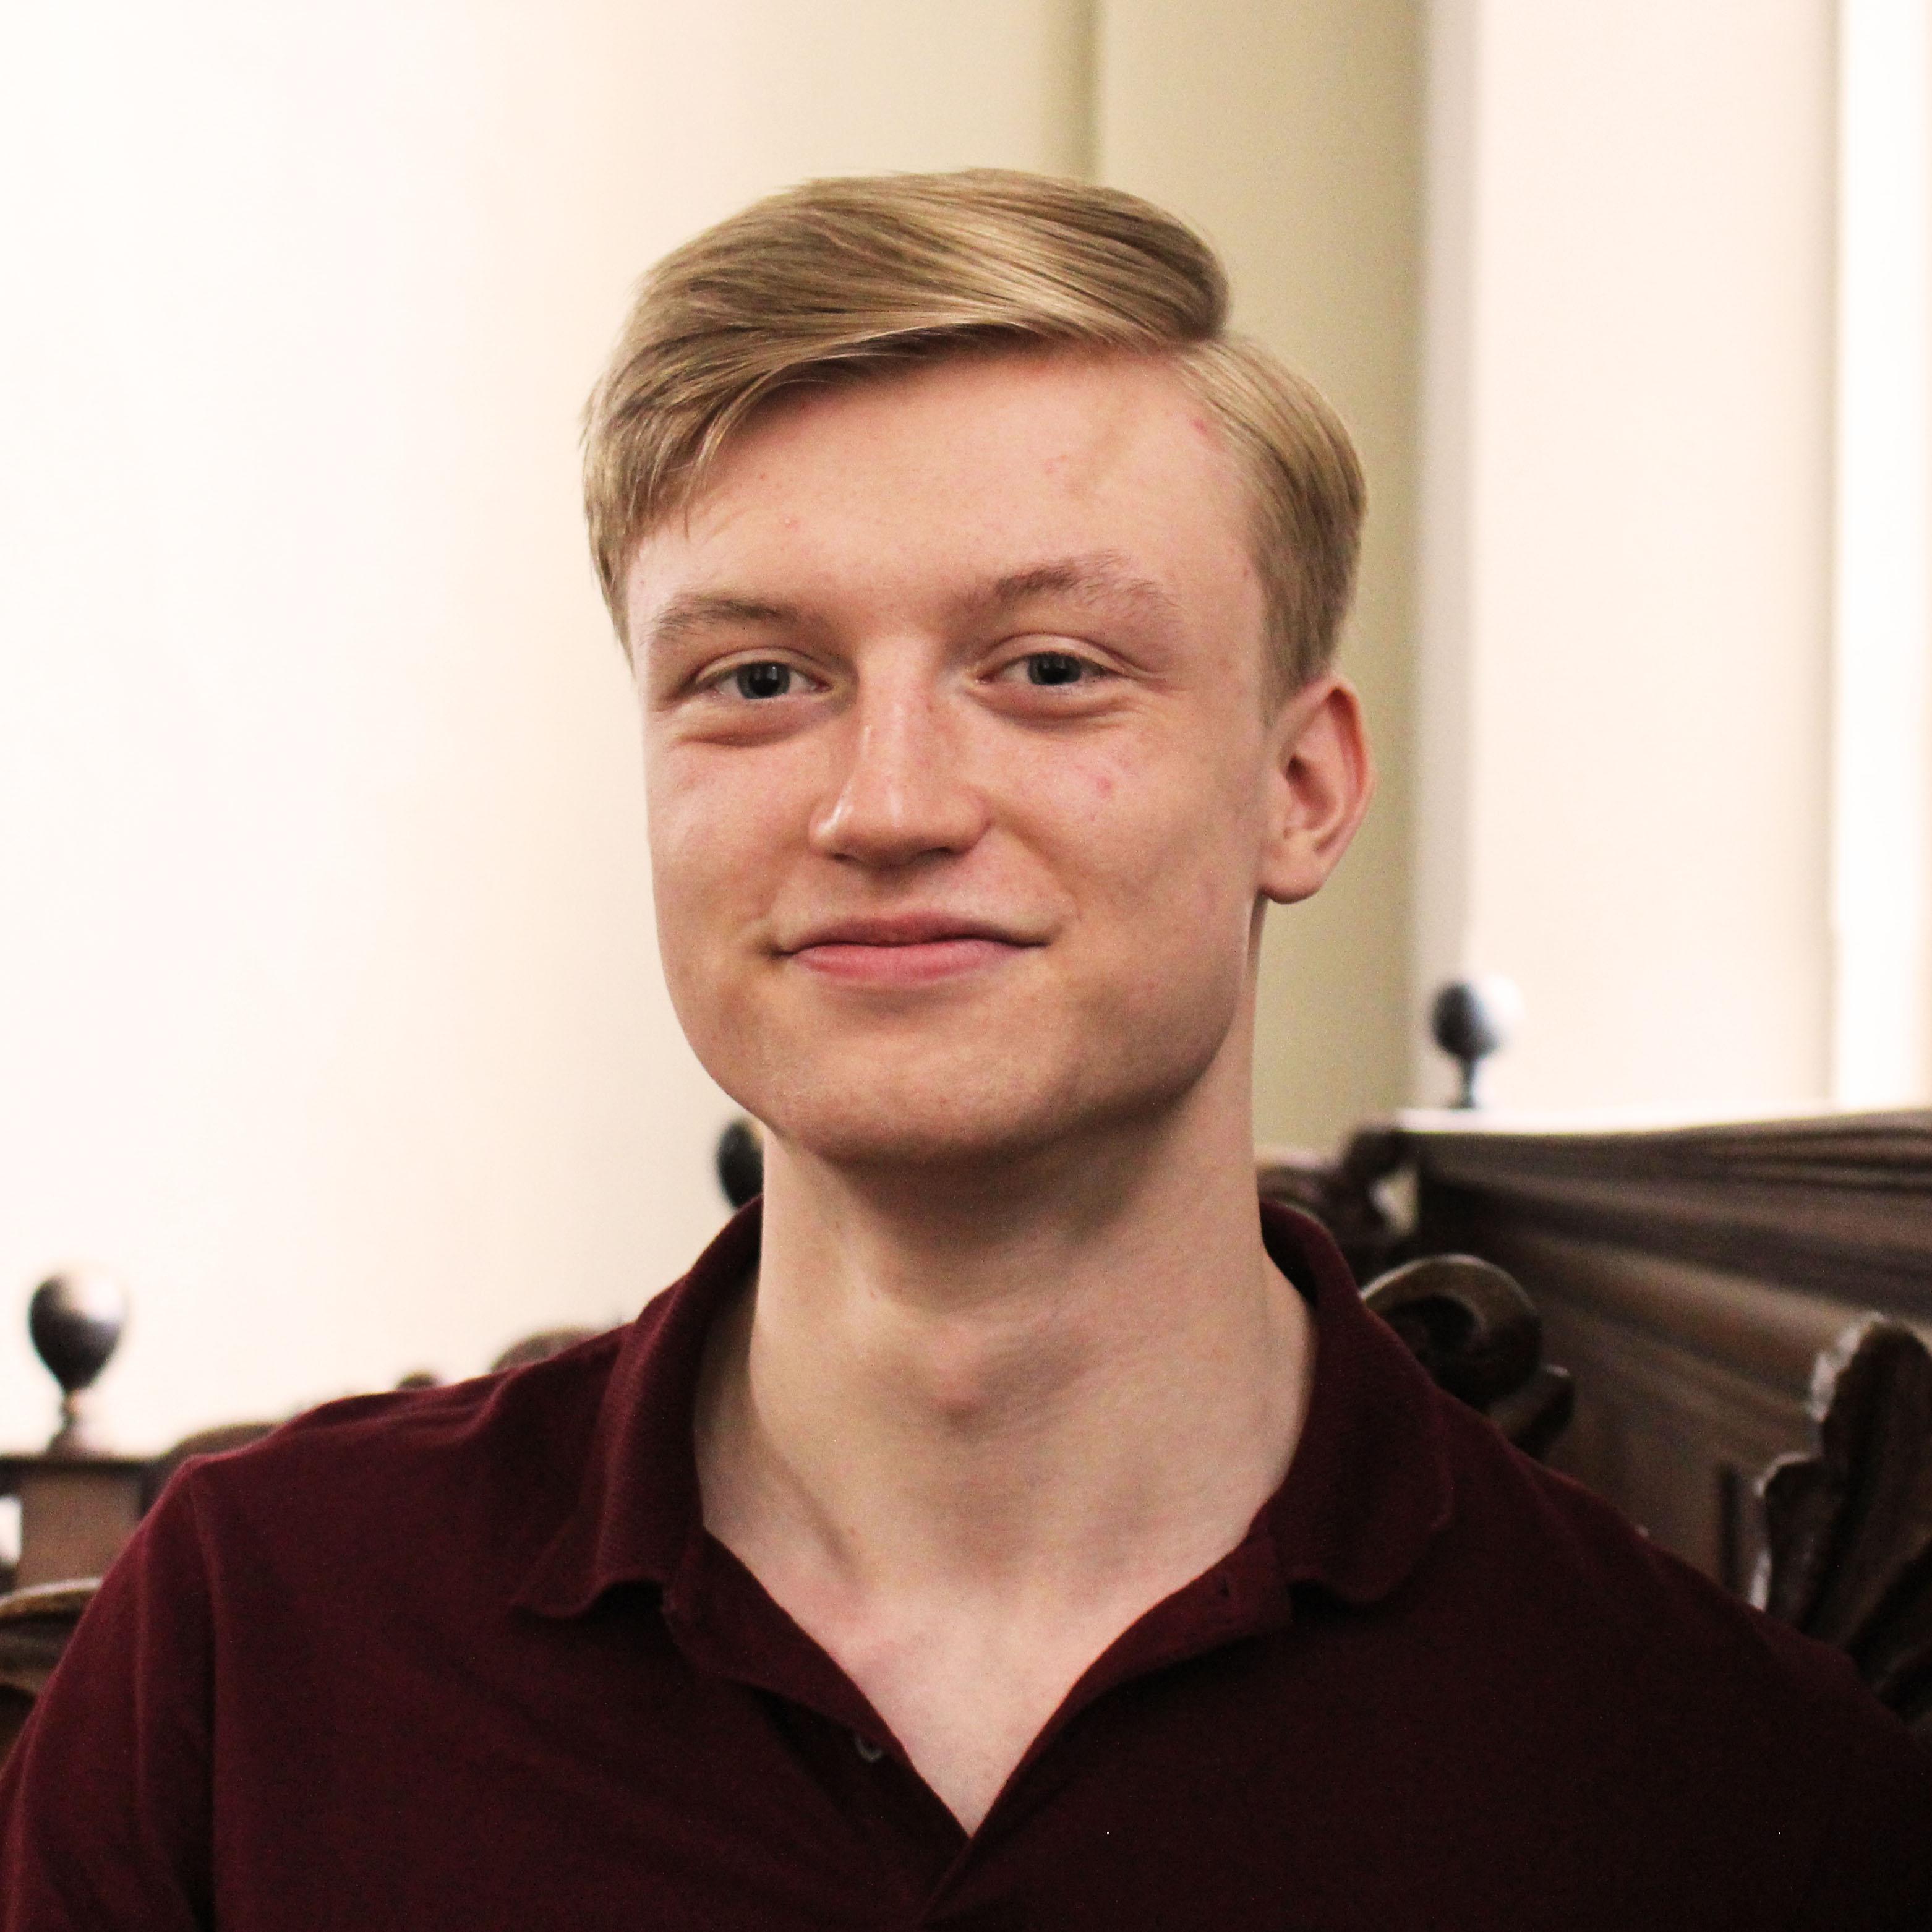 Berend Pietersma